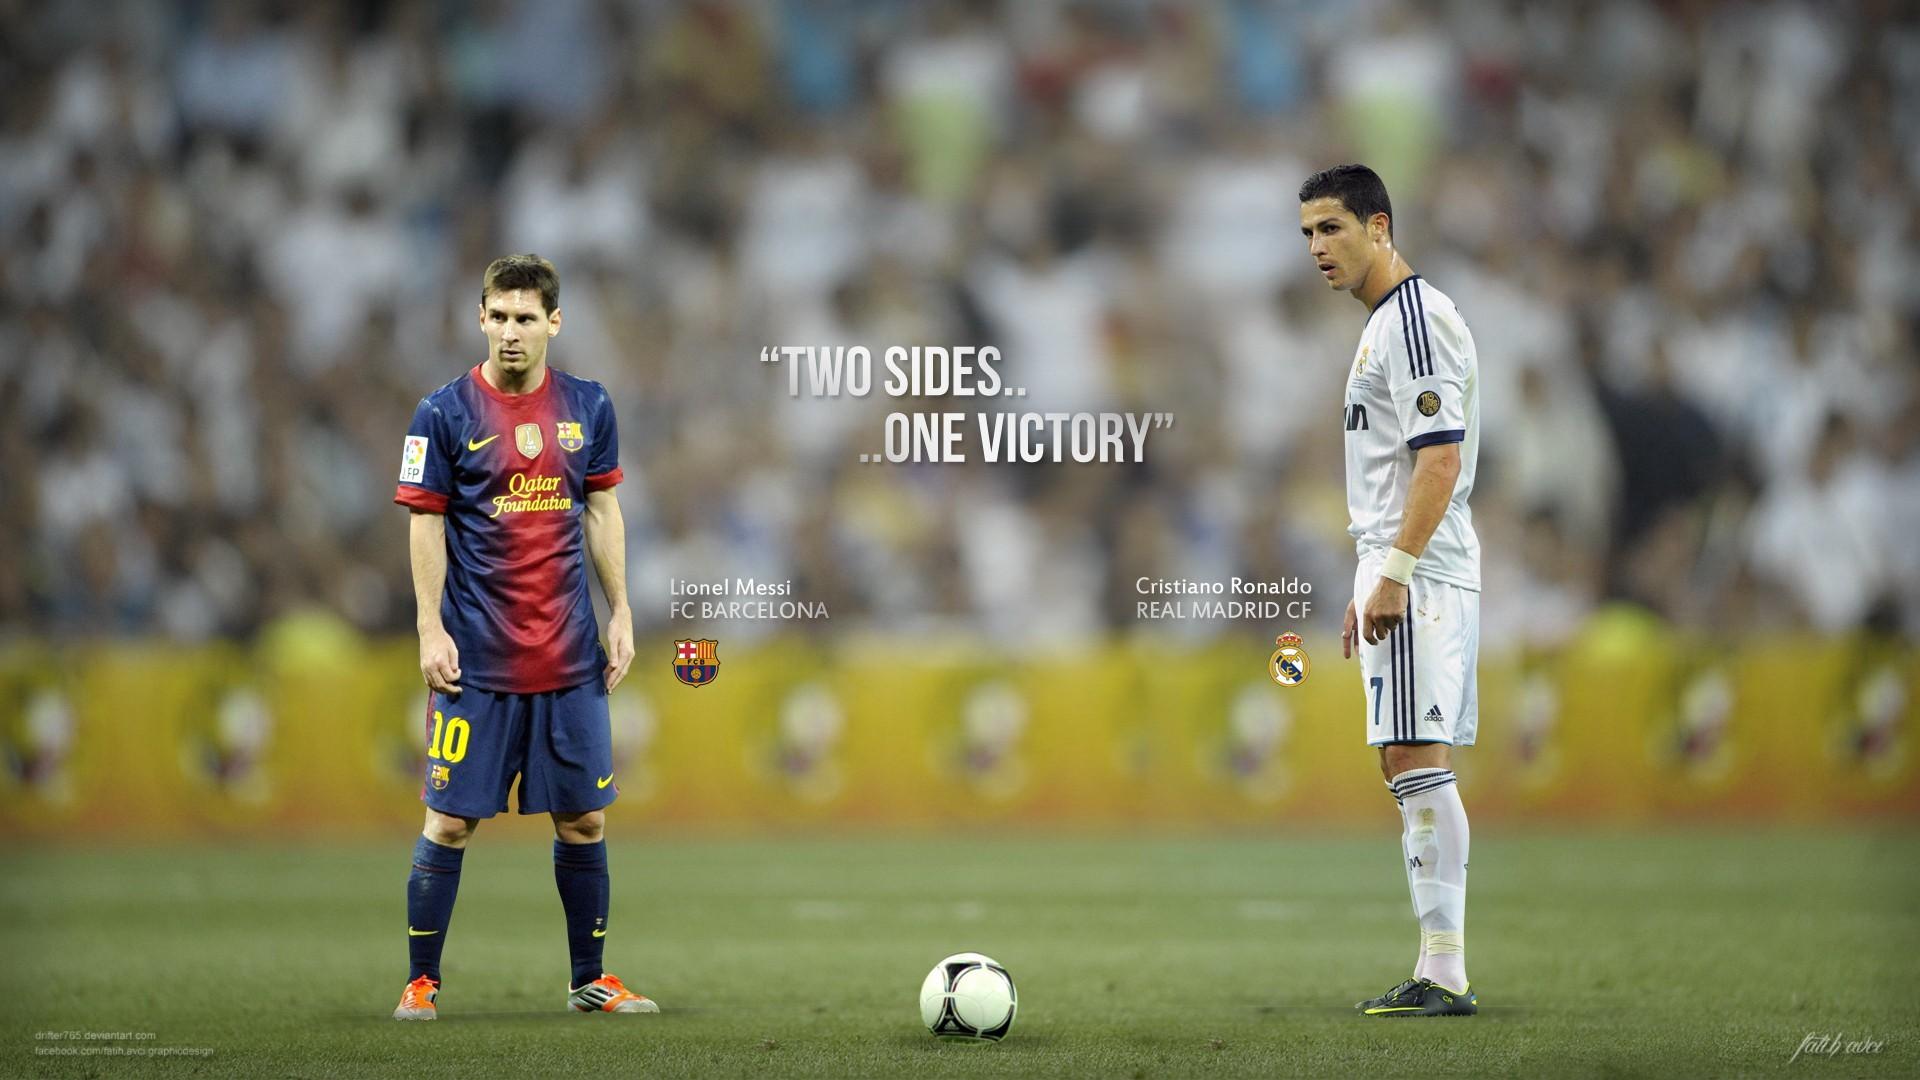 Messi y Cristiano - 1920x1080